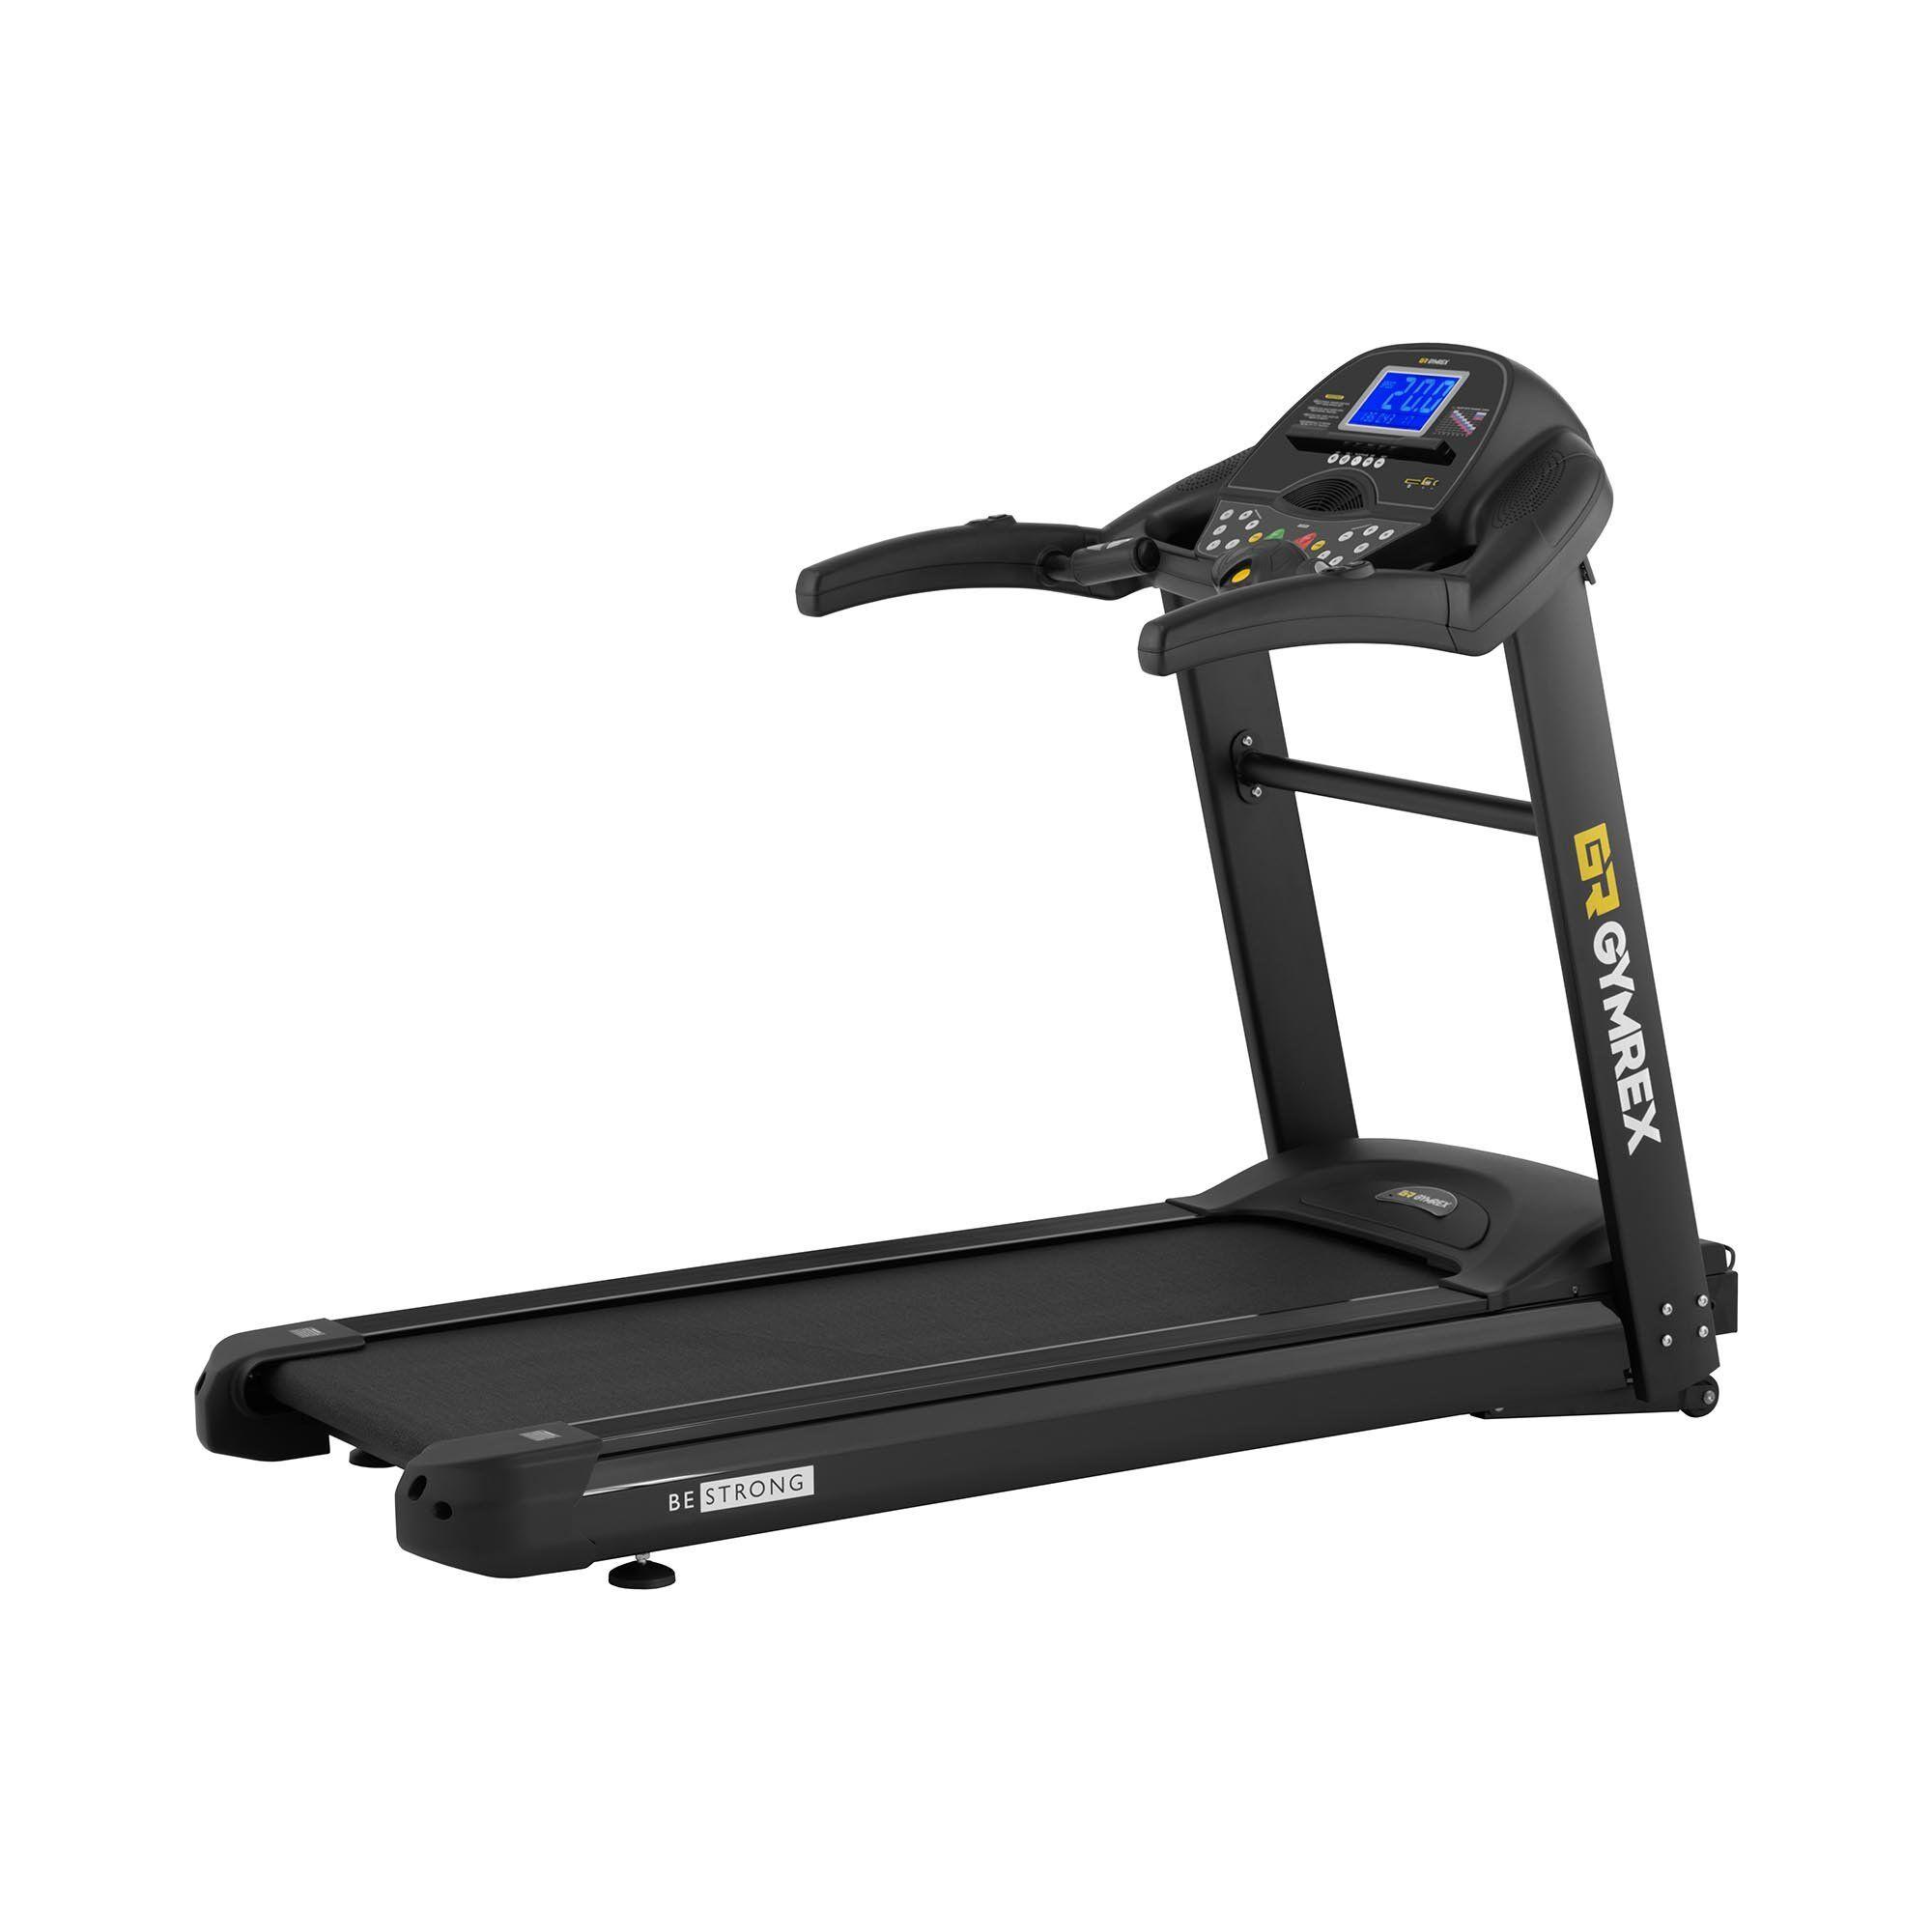 gymrex tapis roulant pieghevole - 1,837 w - 1 - 20 km/h - 150 kg - 12 programmi gr-mg77